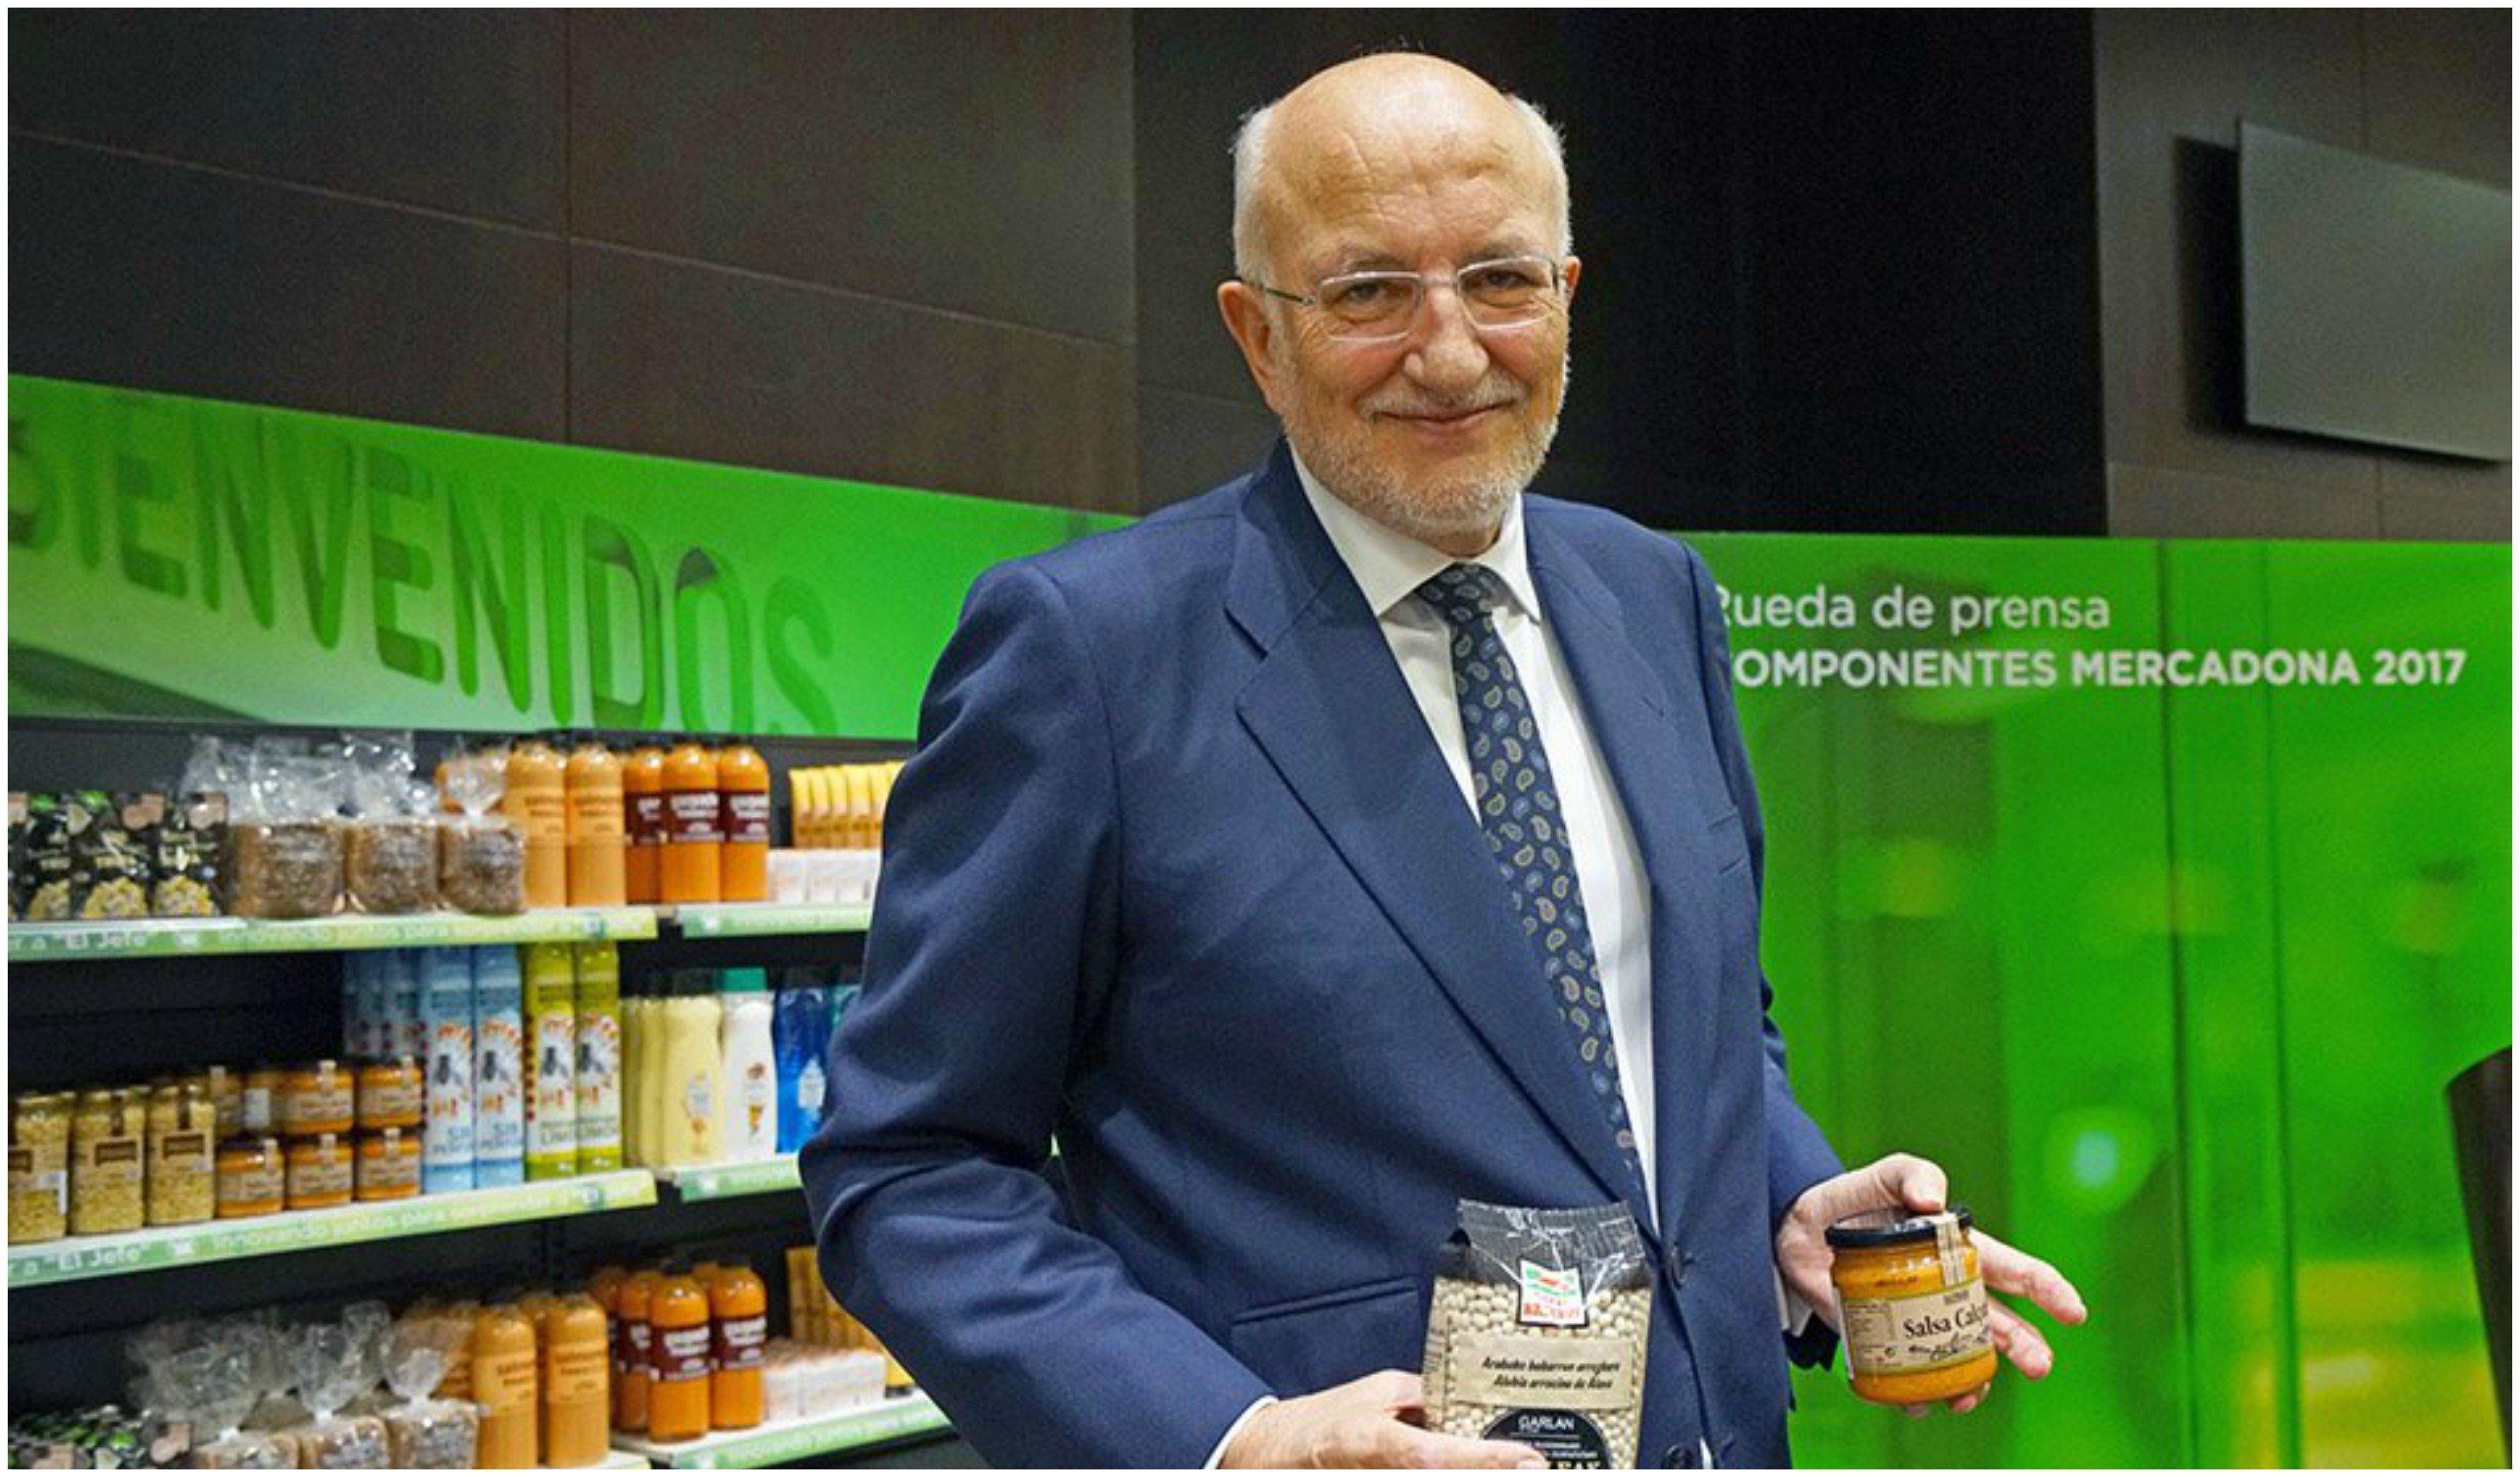 Mercadona. Juan Roig también cae en la trampa: de llenar el estómago -nobilísimo objetivo- a salvar el planeta